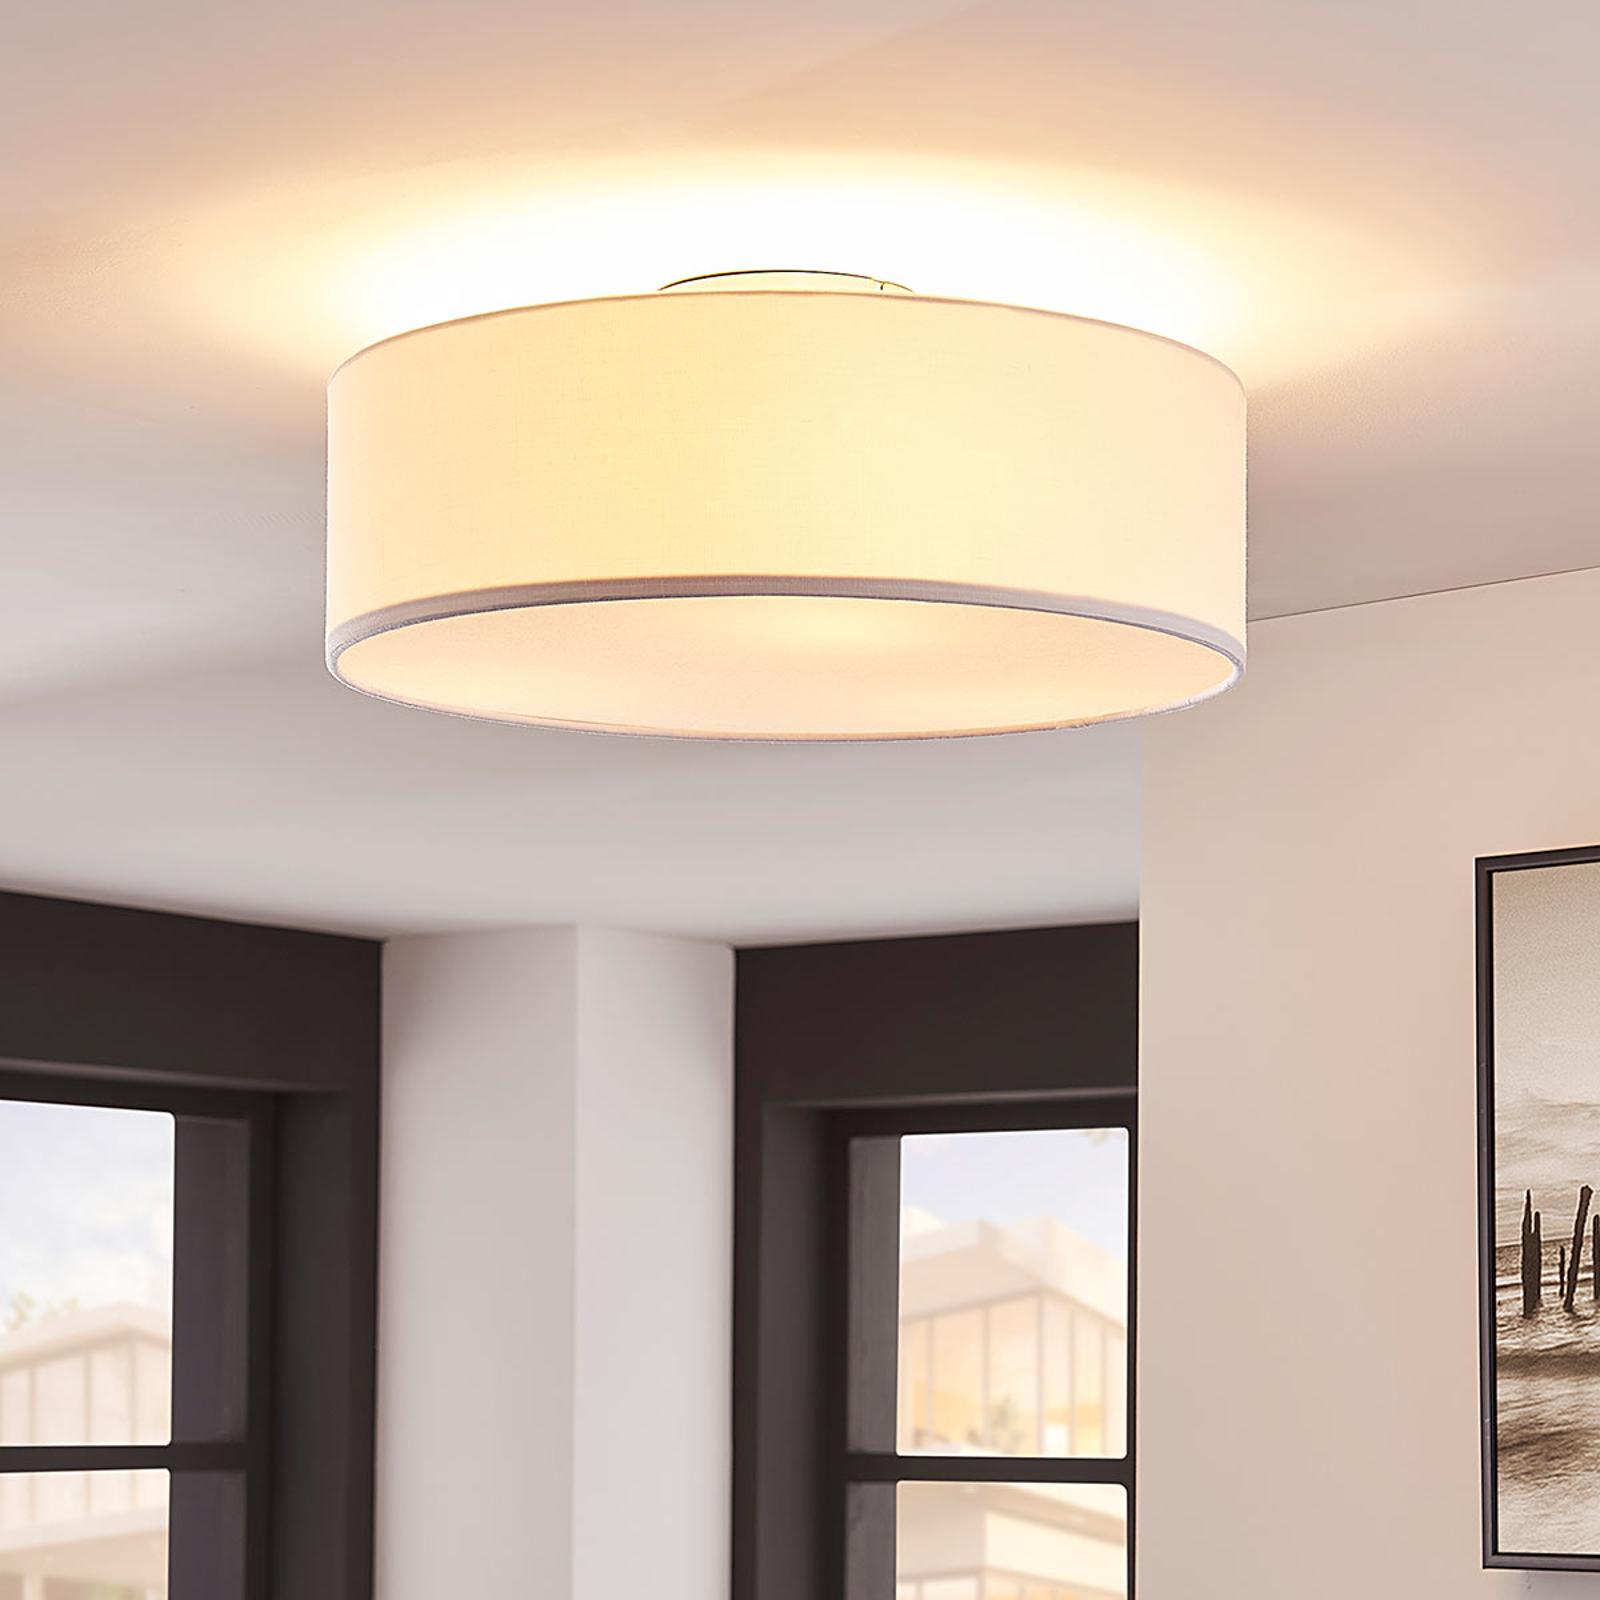 Sebatin - hvid loftslampe af stof